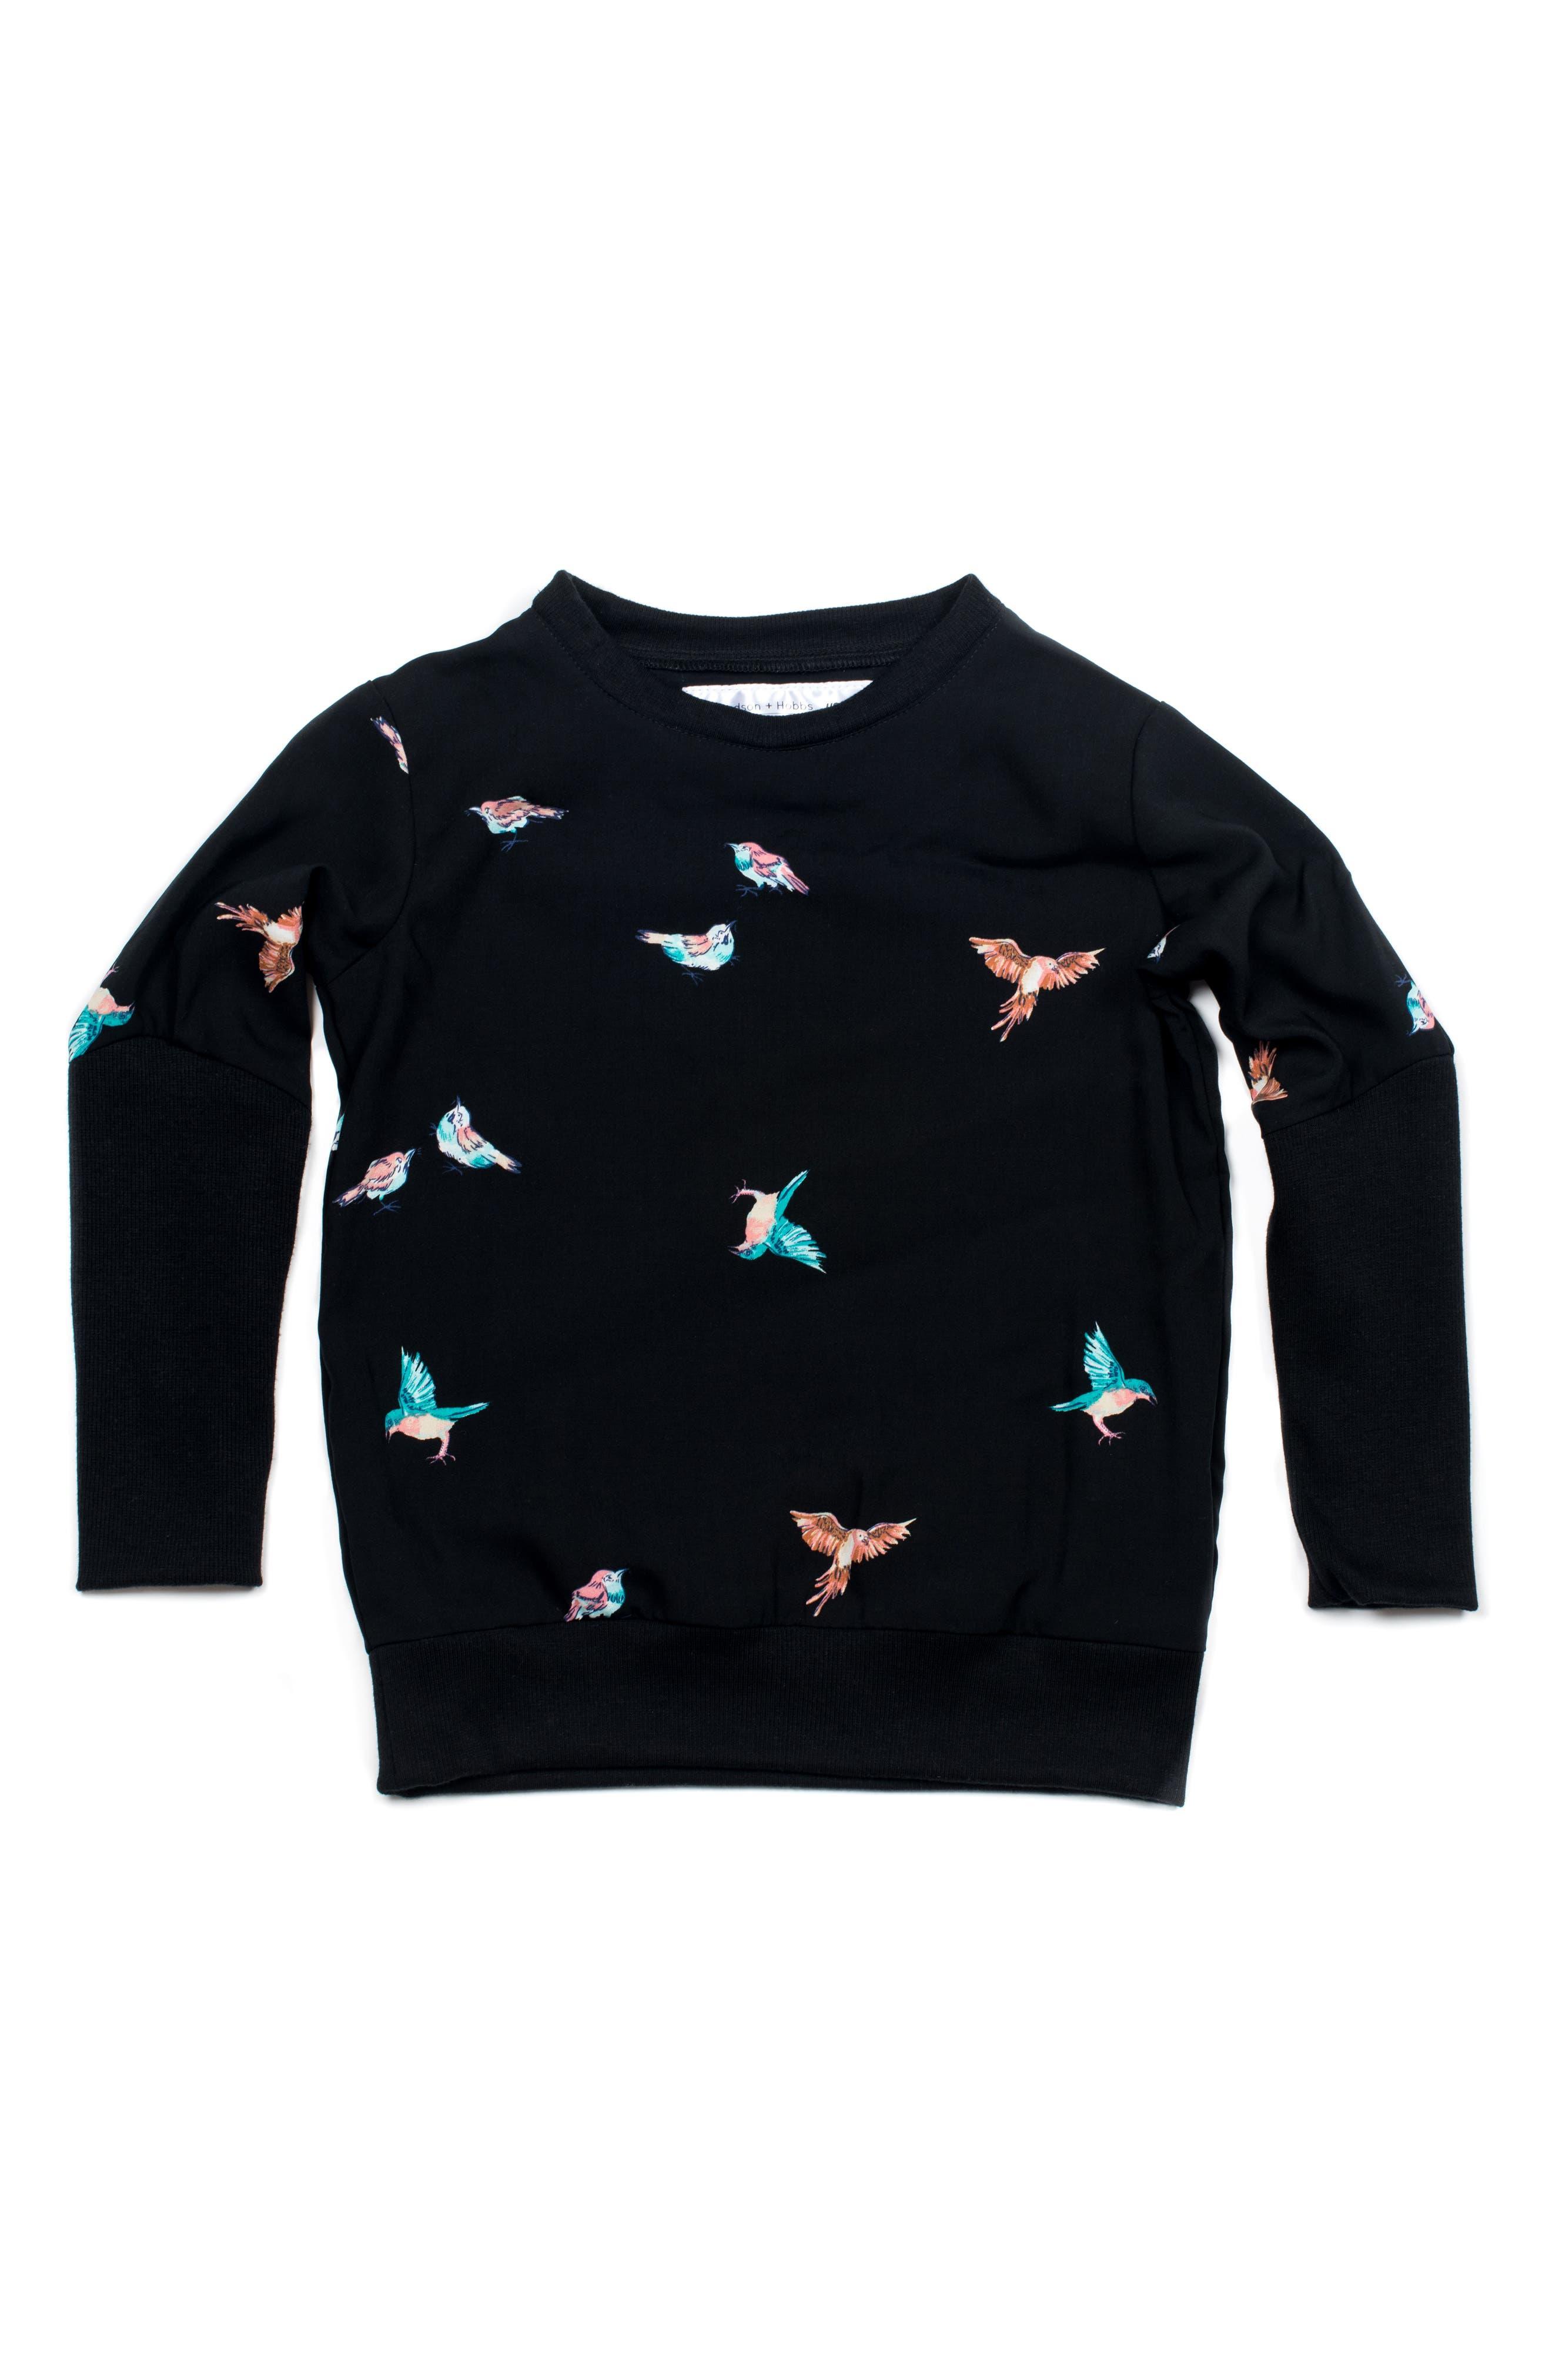 Hudson + Hobbs Summer Bird Woven Shirt (Toddler Boys & Little Boys)